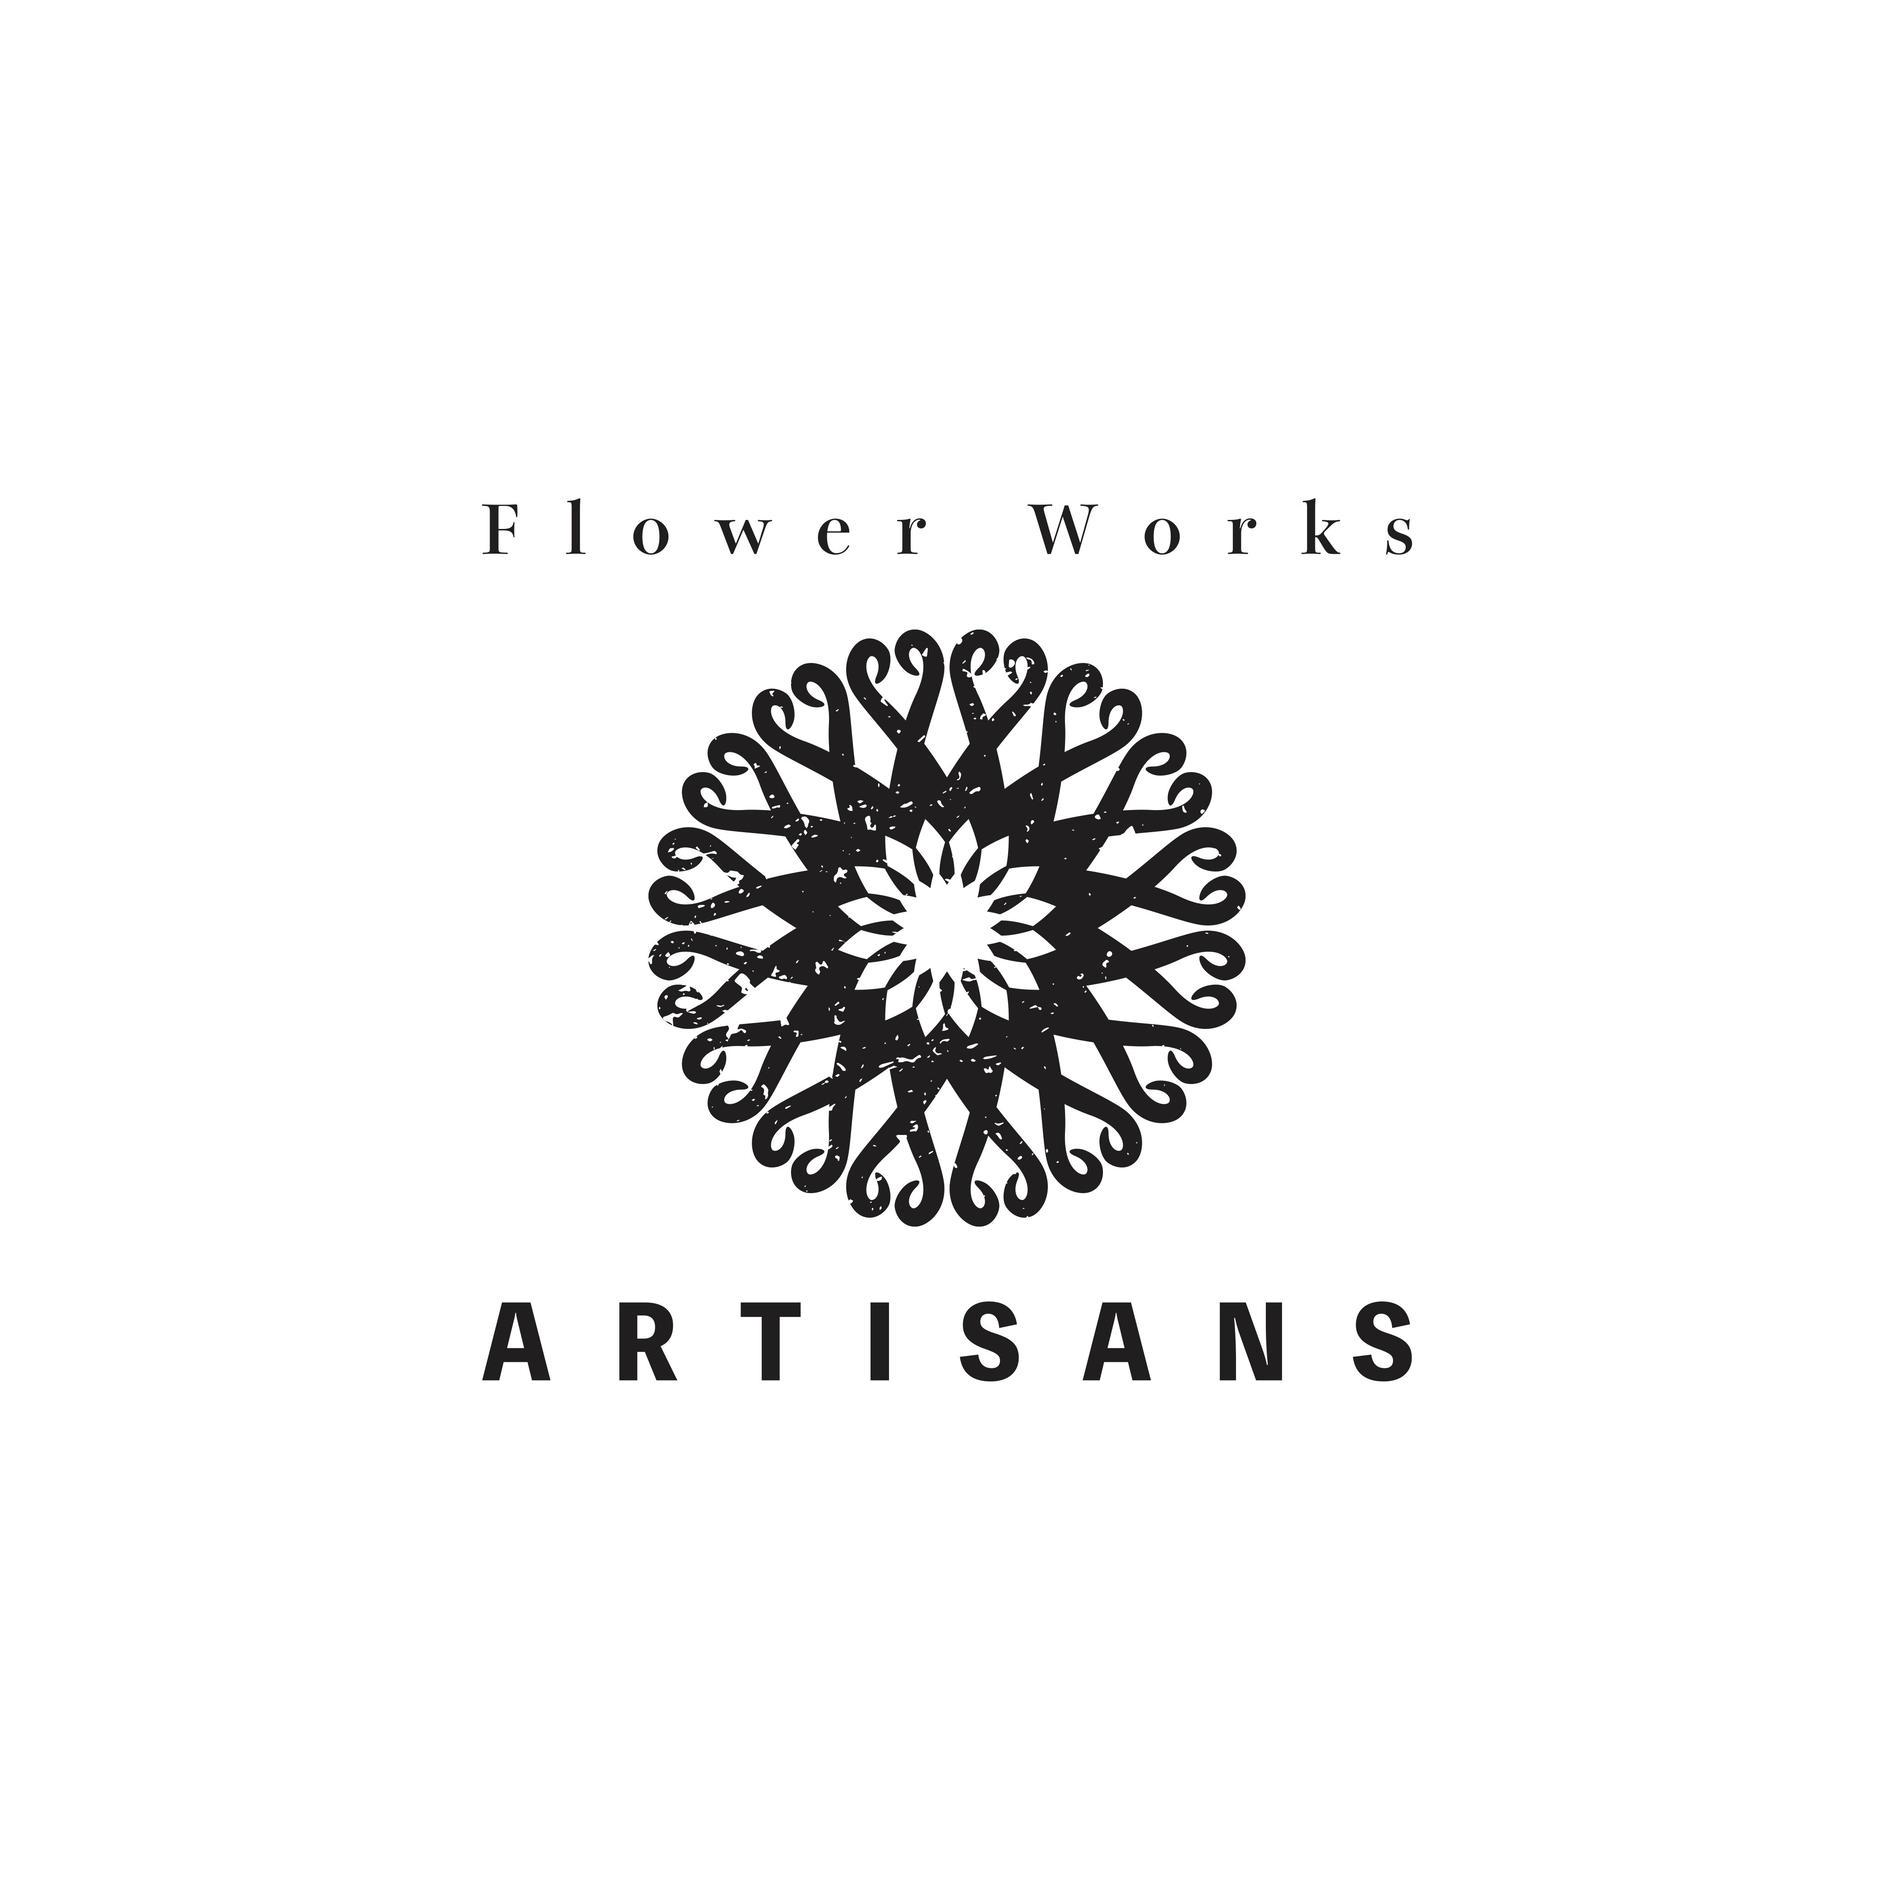 ARTISANS flower works